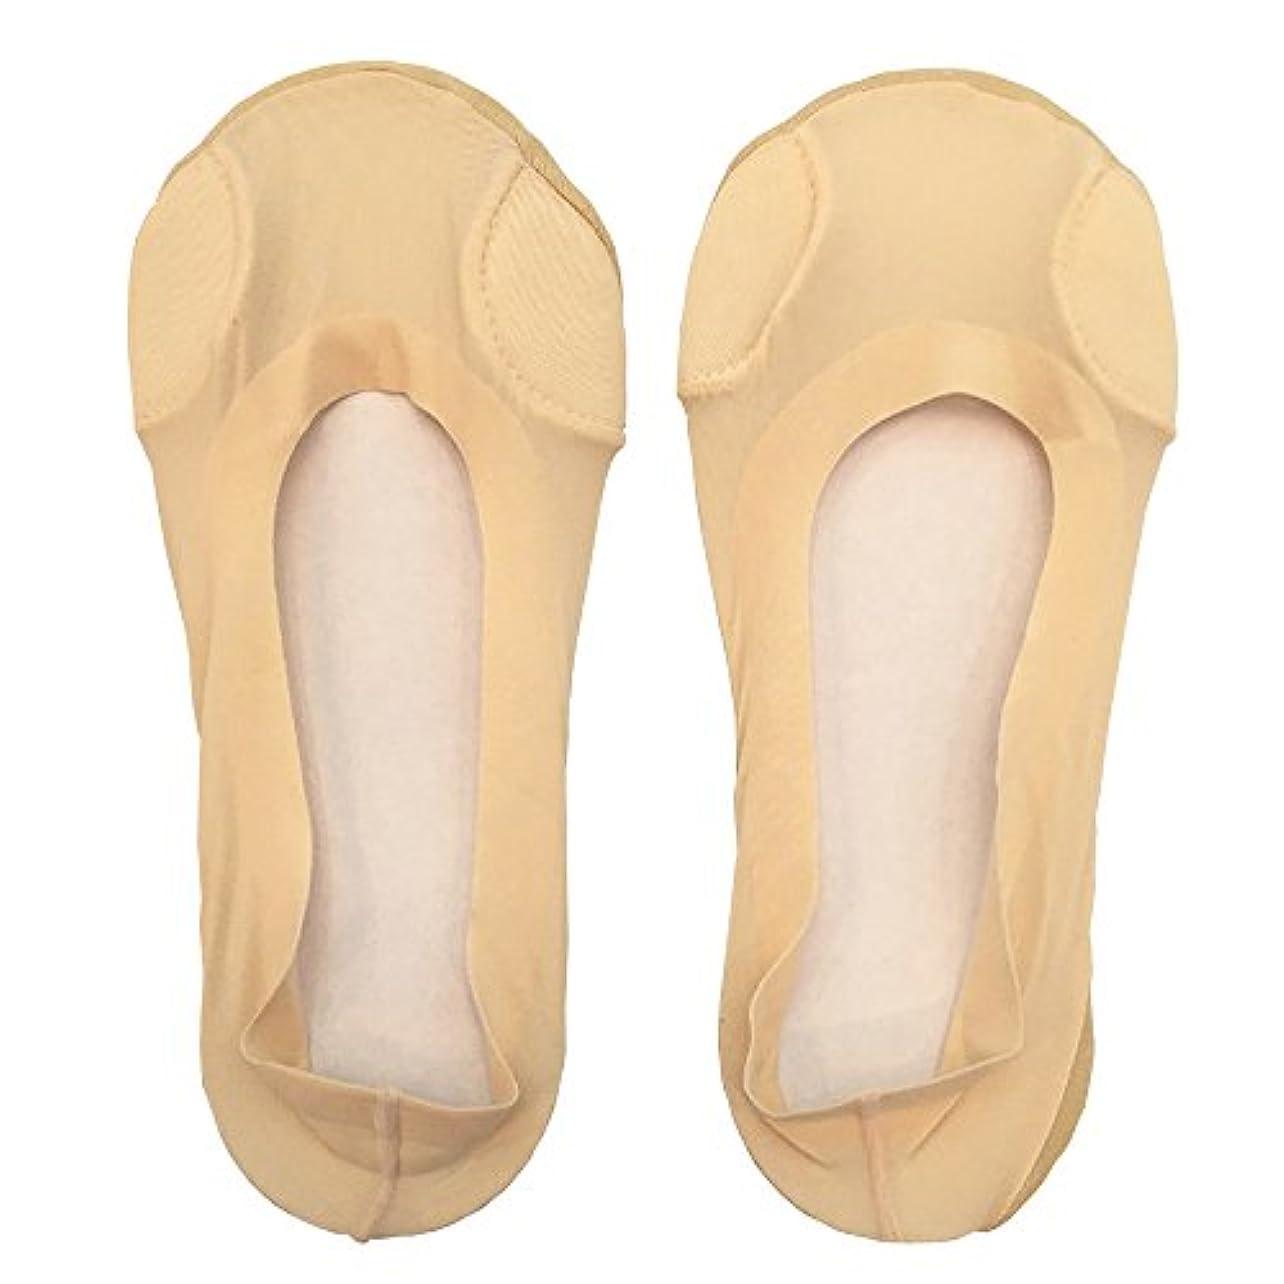 健康伸ばすニュージーランドDrScholl(ドクターショール)靴ずれ防止フットカバー 指両側クッション付き 8805DR-80 ベージュ